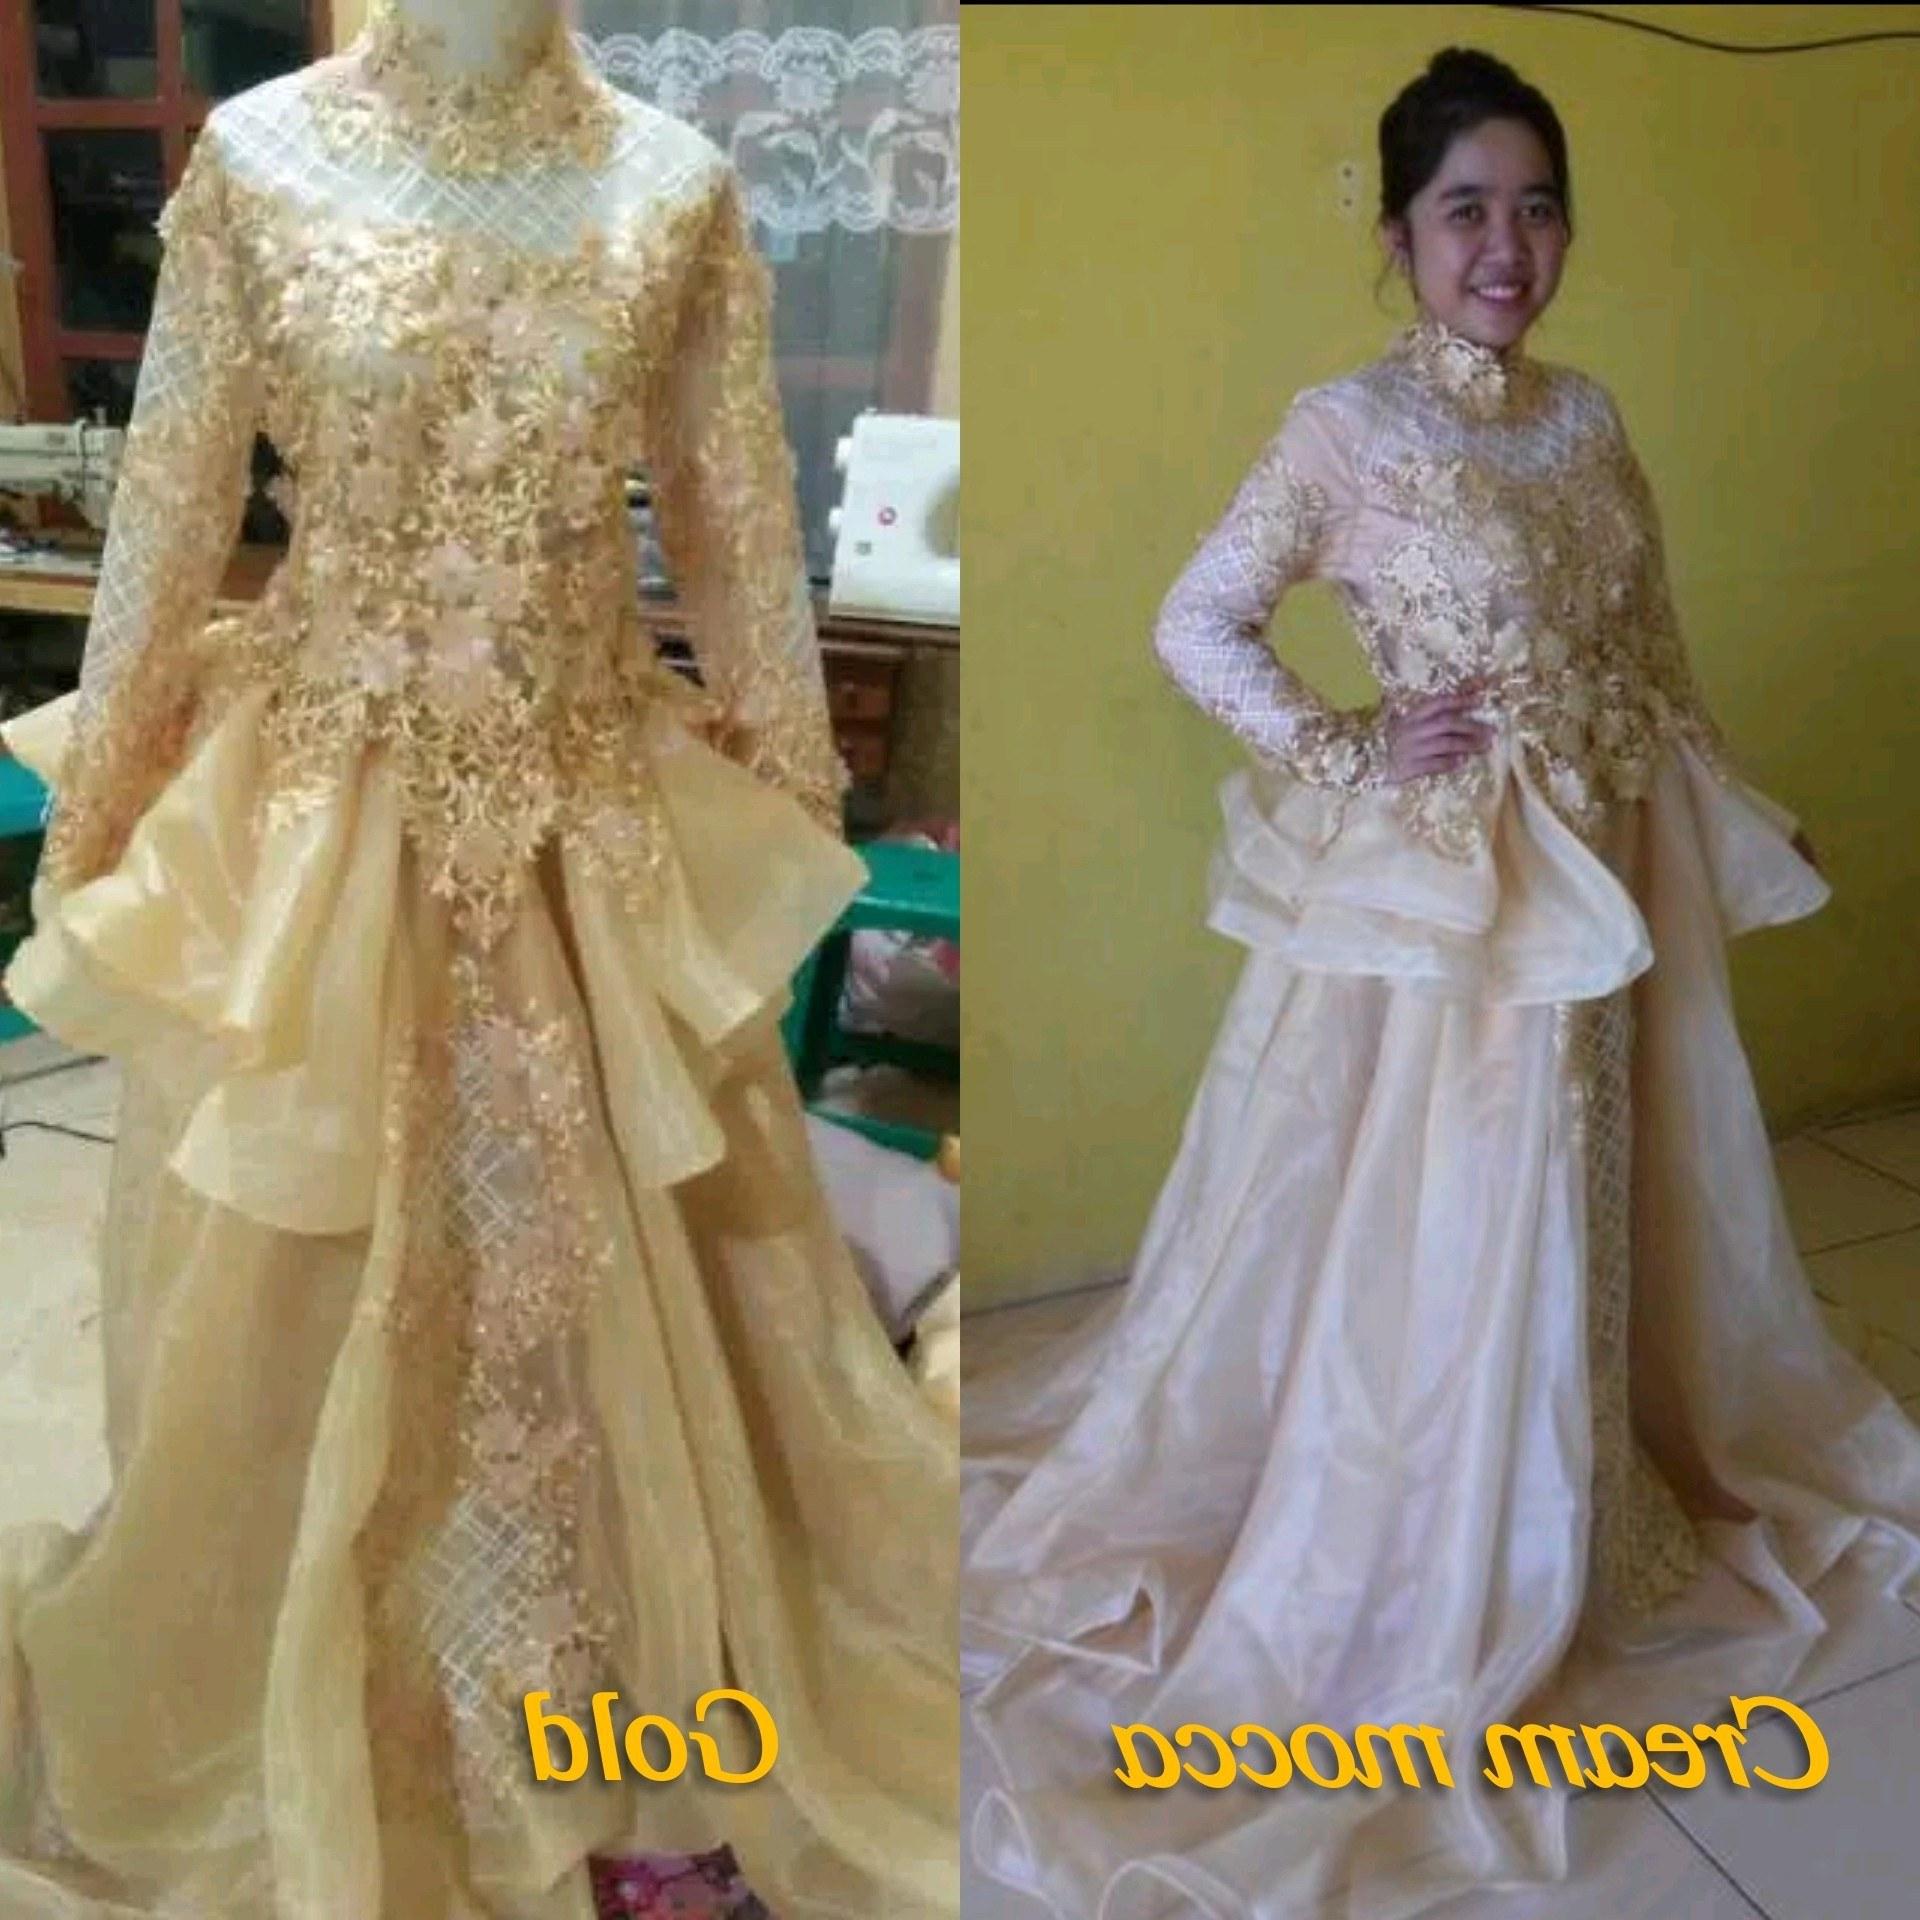 Bentuk Gaun Pengantin Muslim Gold Tldn Foto Pengantin Muslim Putih Terbaik Model Kebaya Akad Nikah